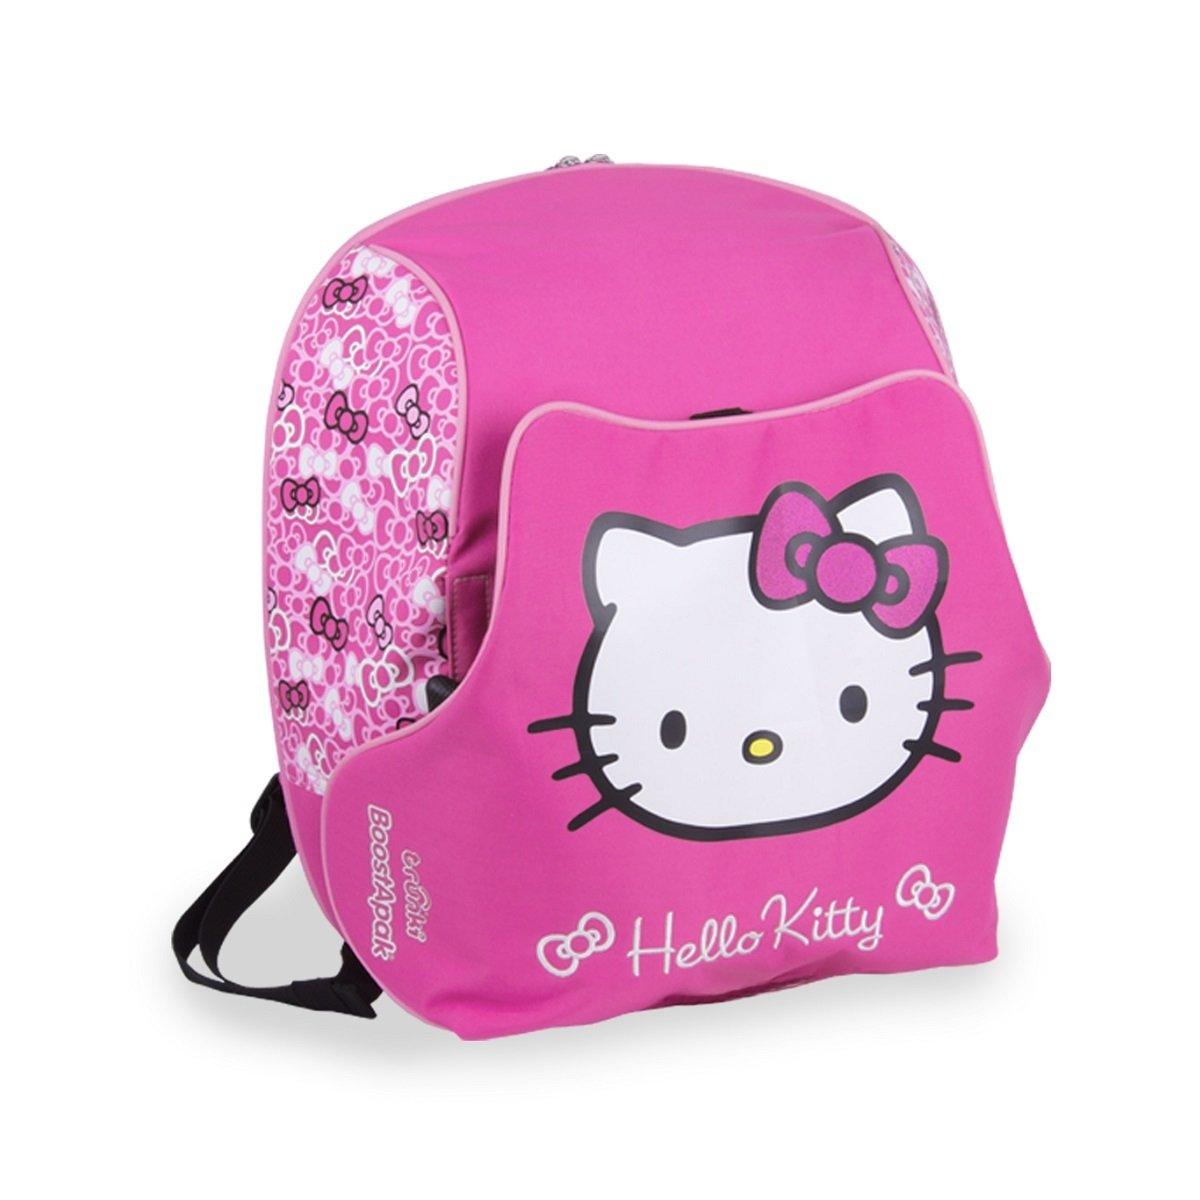 汽車安全座椅與背包 - Hello Kitty